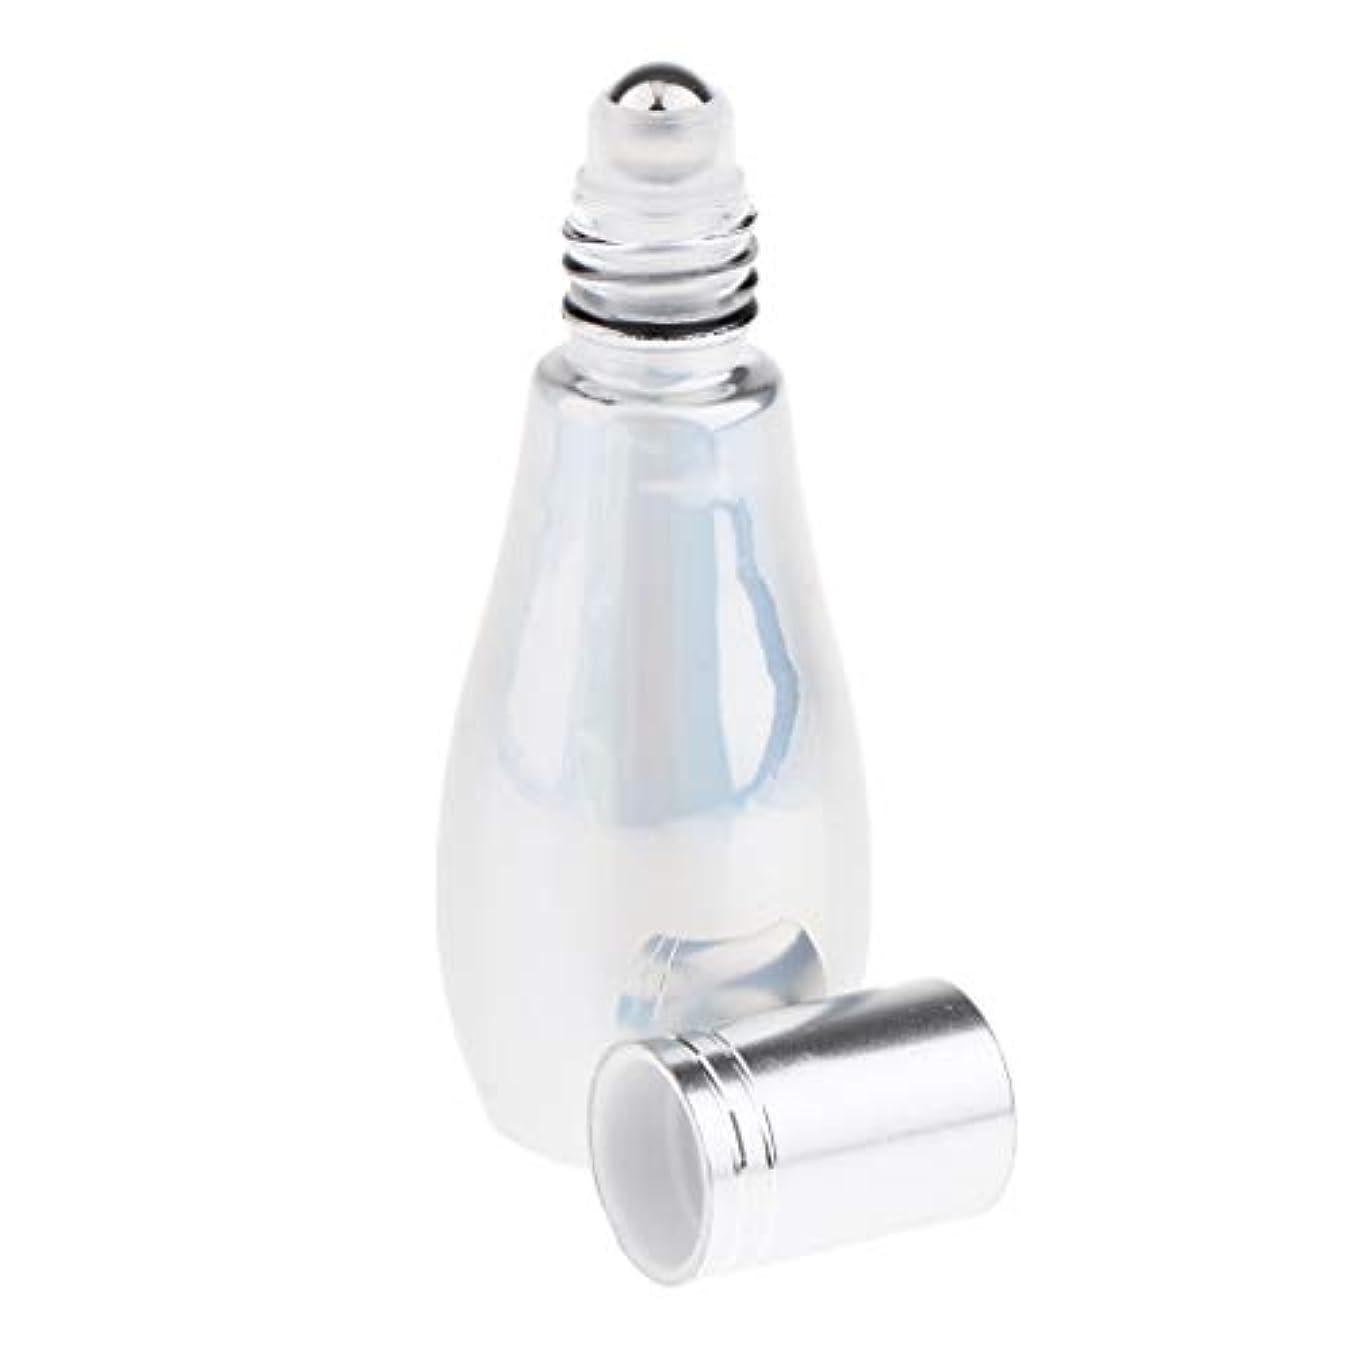 視聴者逆説汚すDYNWAVE ローラーボール 香水 再使用可能な ガラス 小分けボトル エッセンシャルオイル容器 全2タイプ - ローラー